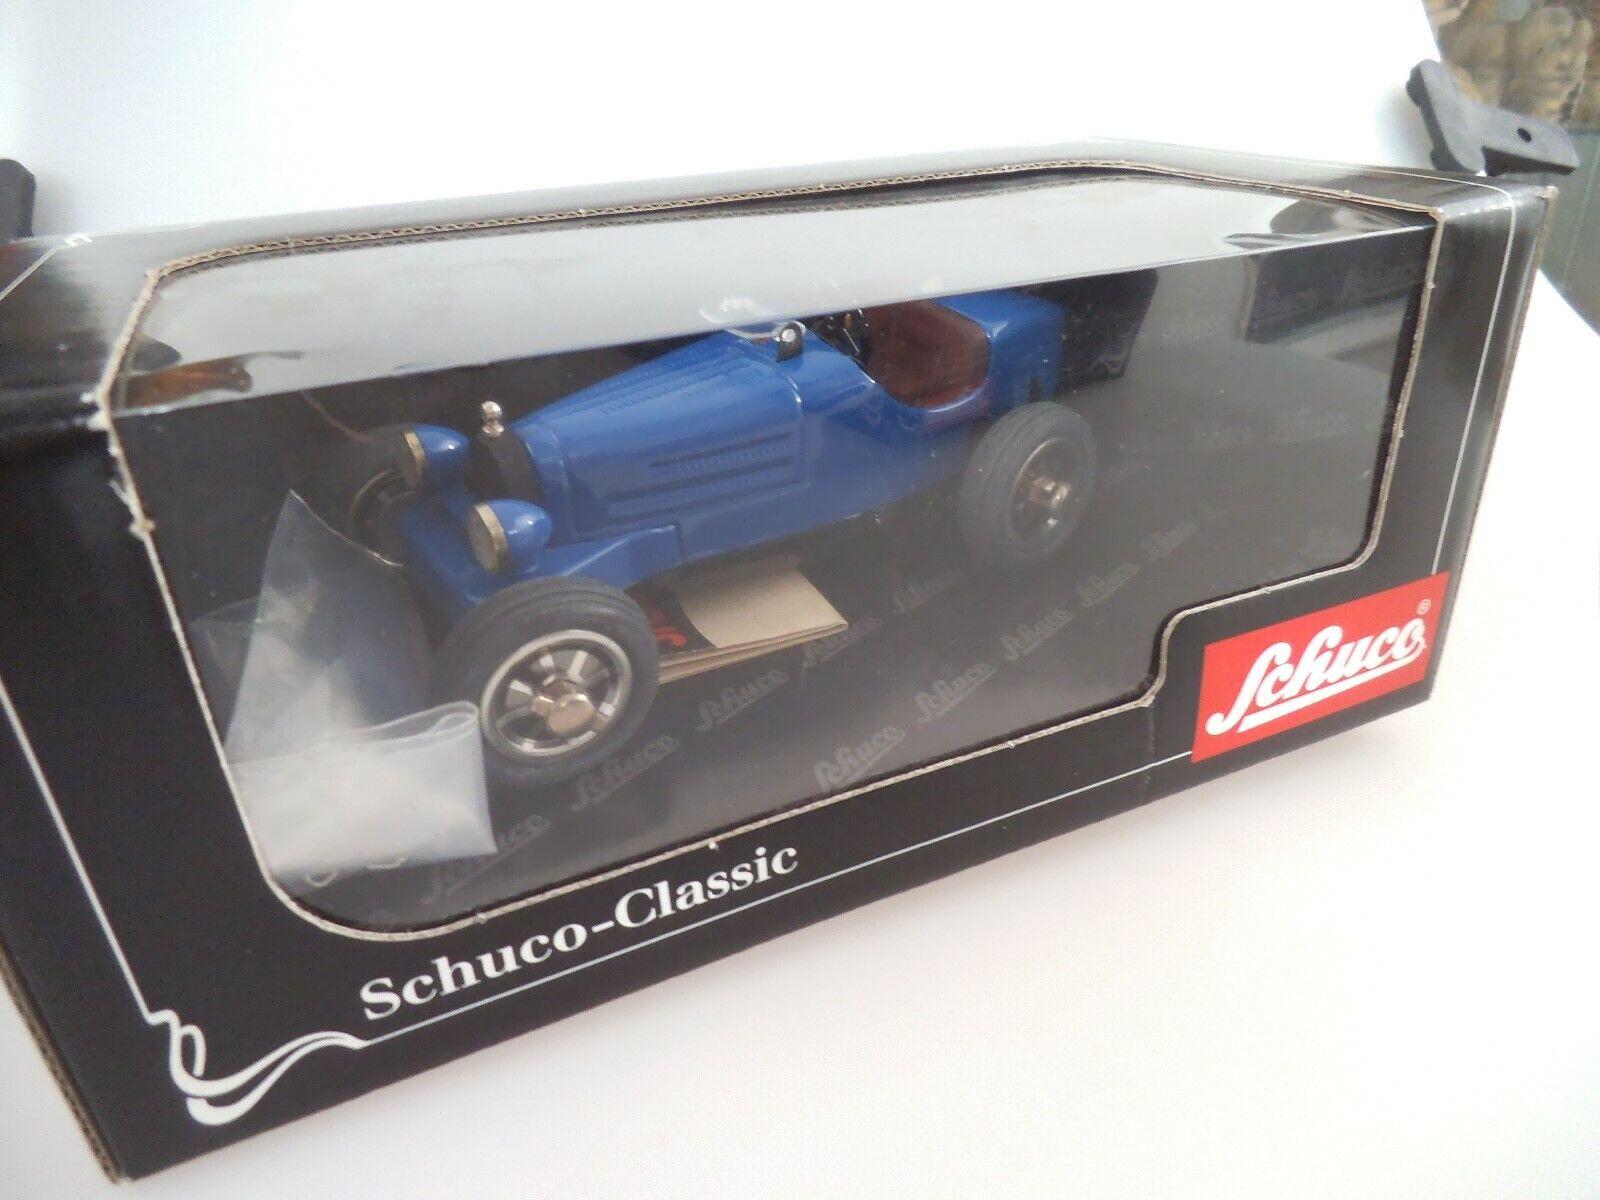 Schuco Classic Studio IV Bugatti 01740 (3005)   vente avec grande remise